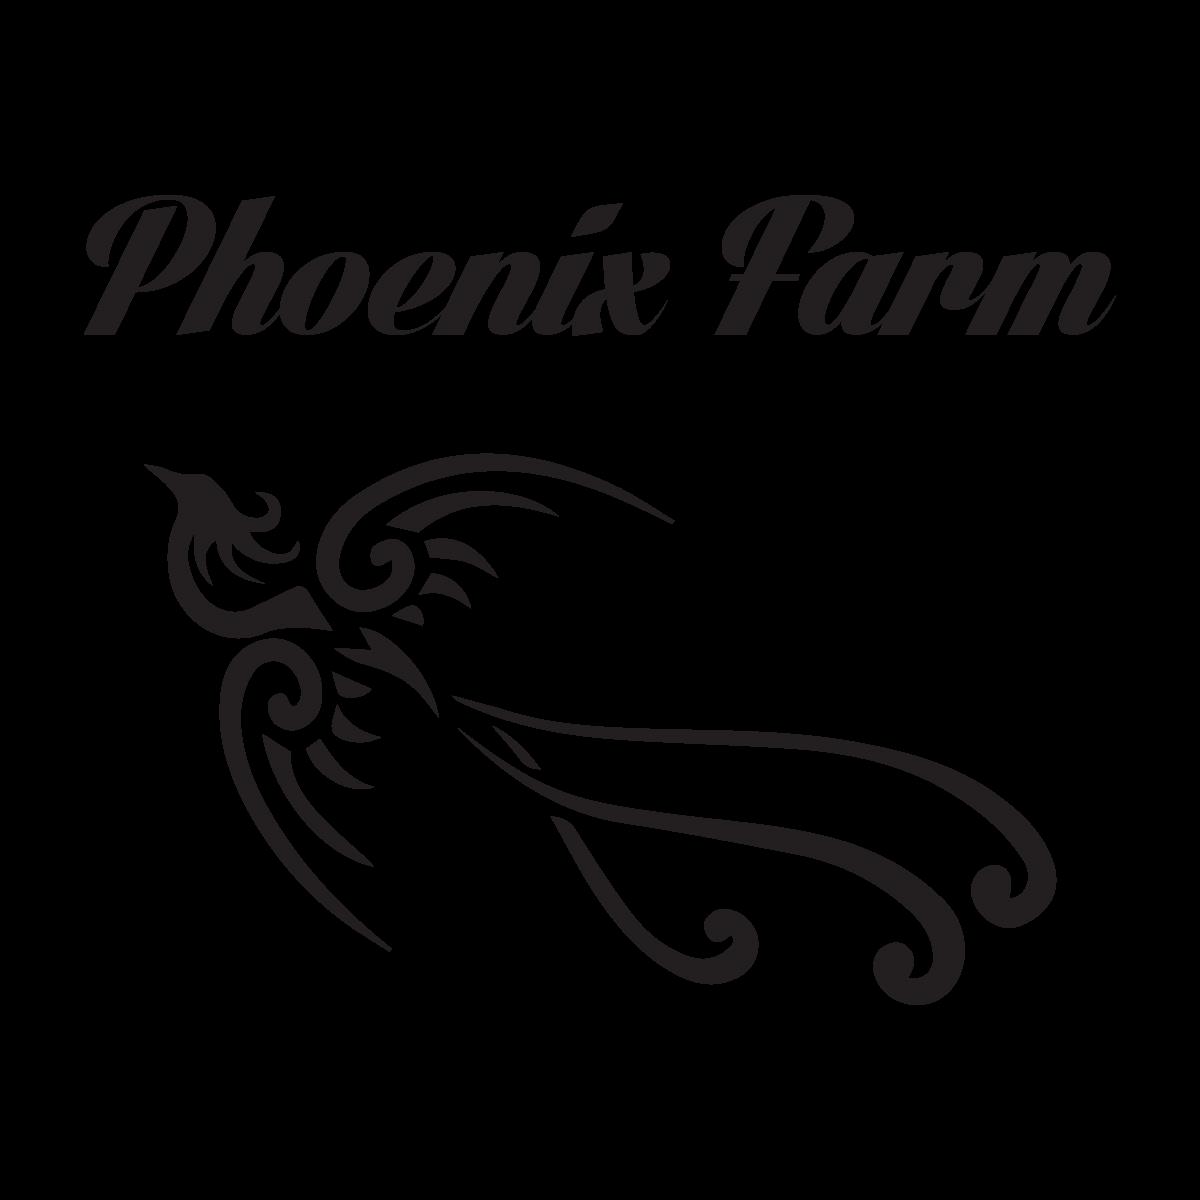 Phoenix Farm